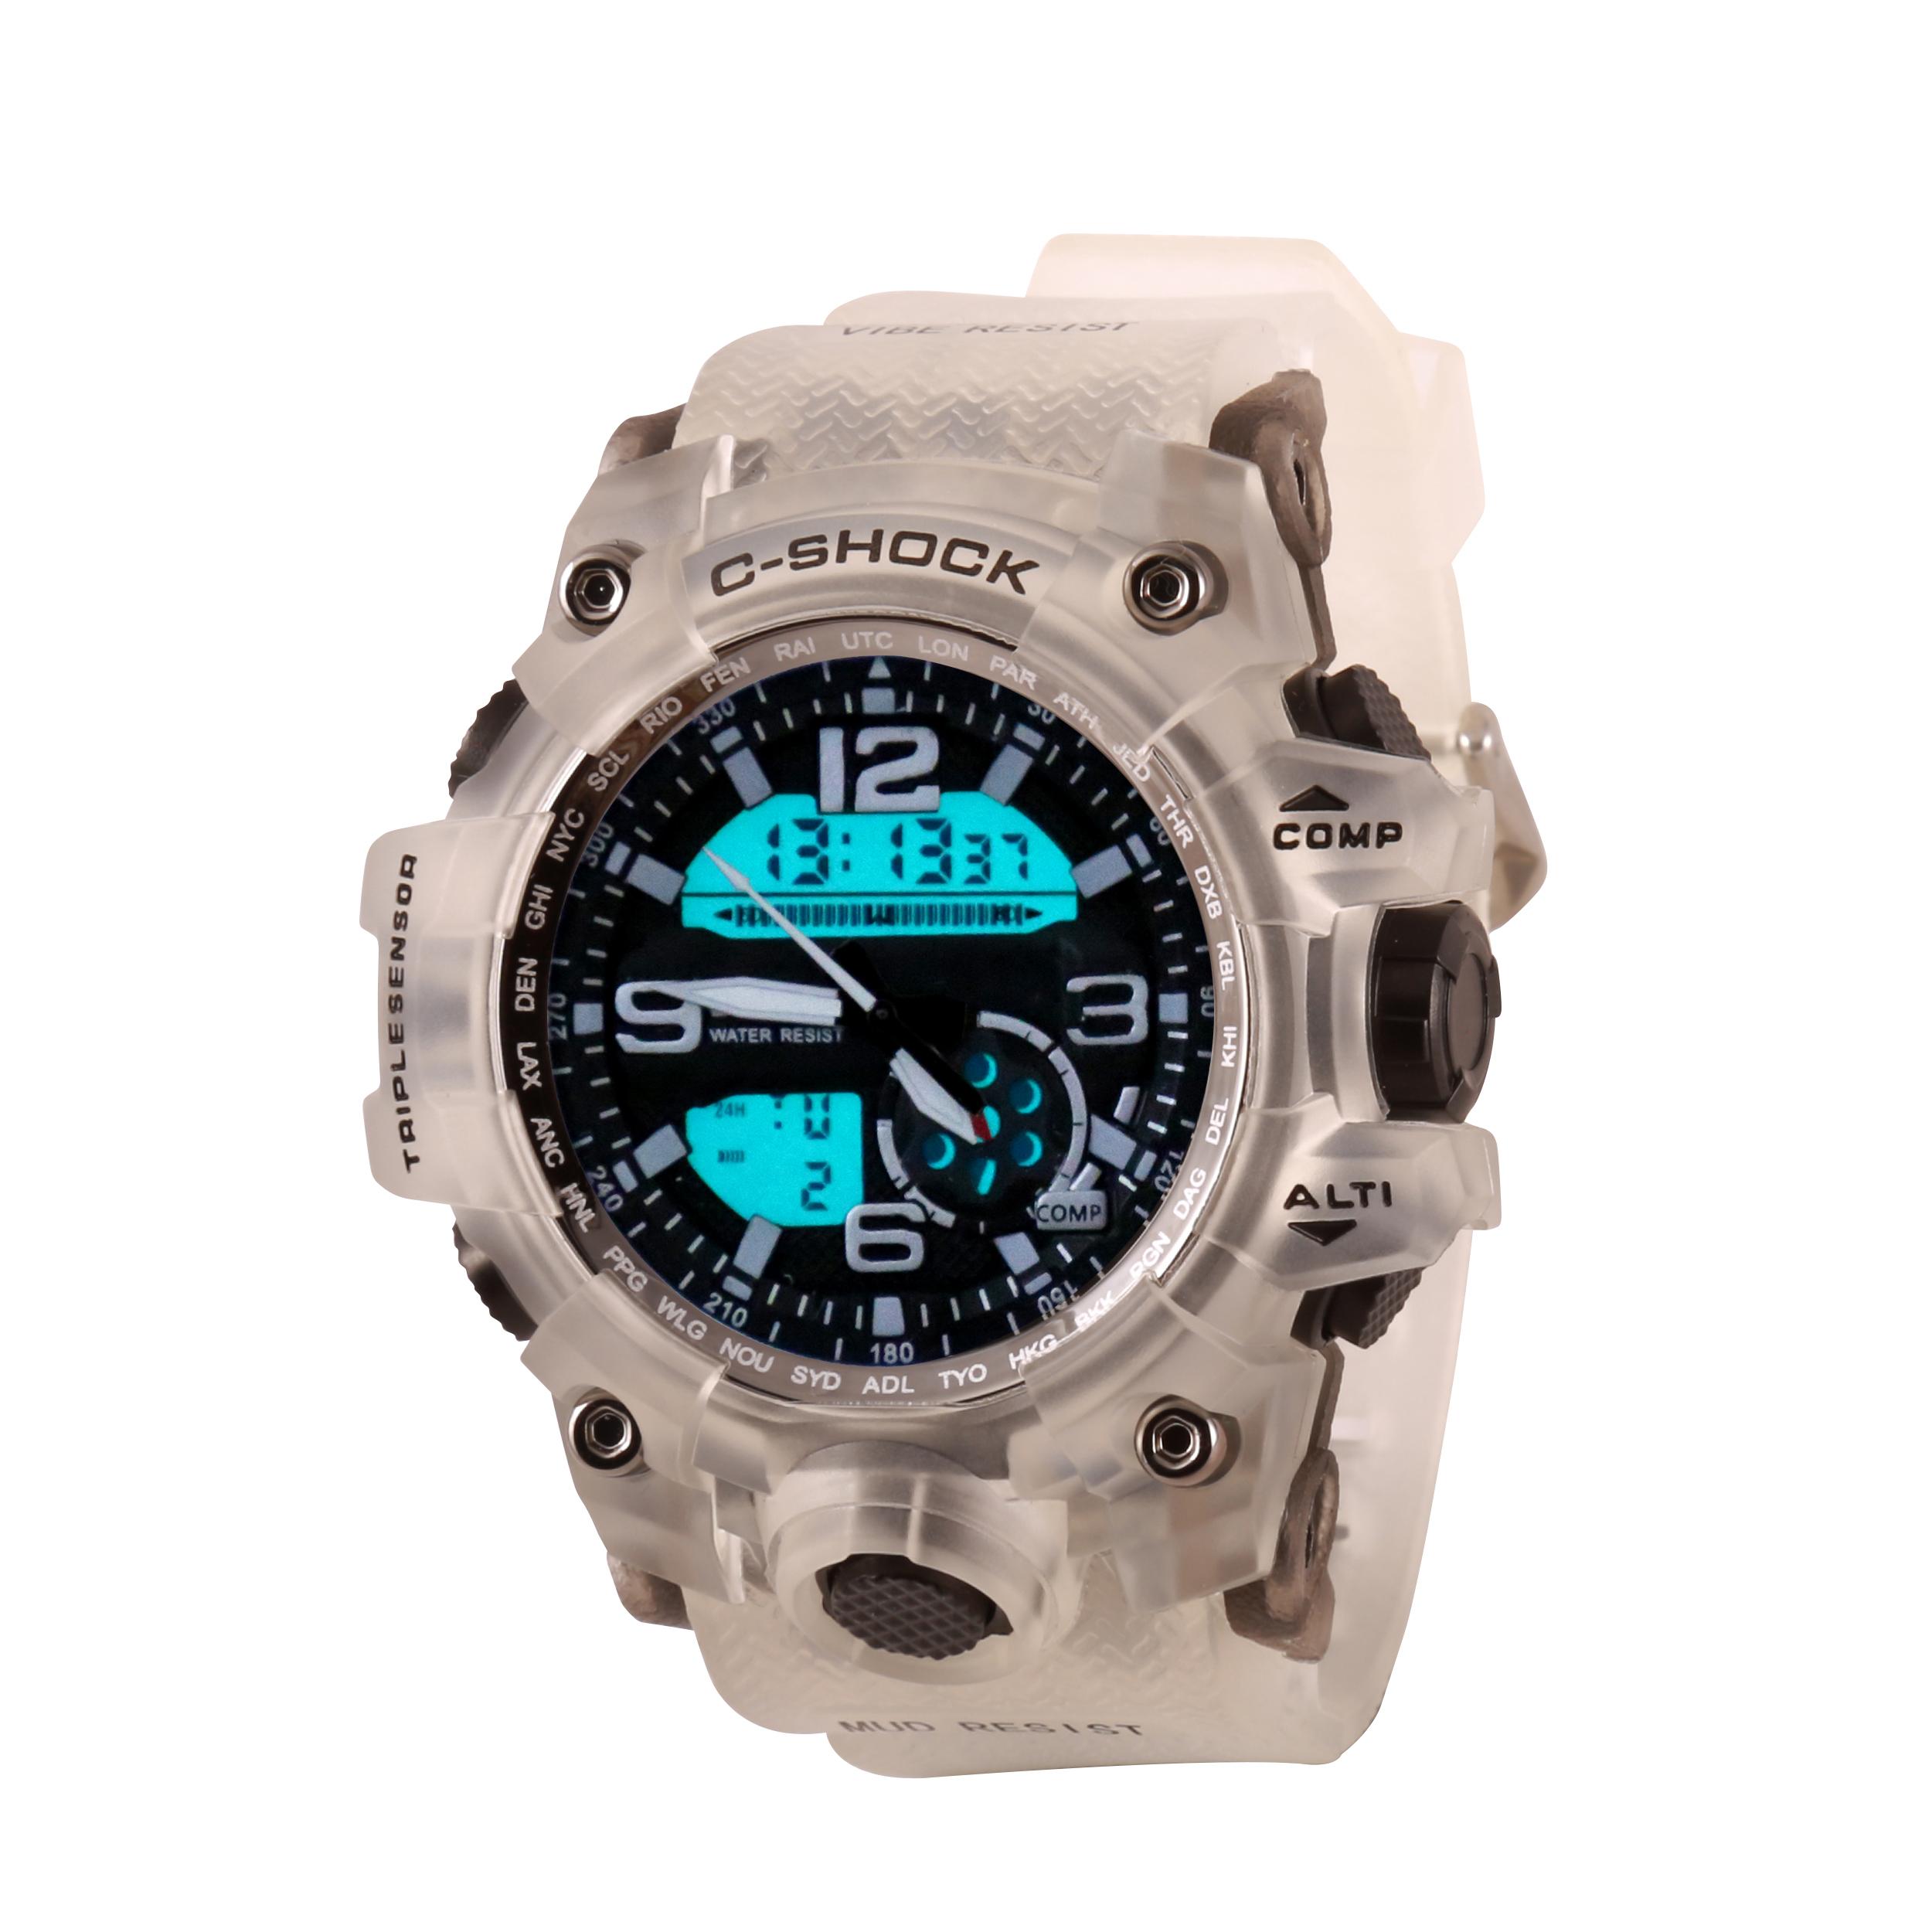 ساعت مچی عقربه ای مردانه سی شاک مدل cl07